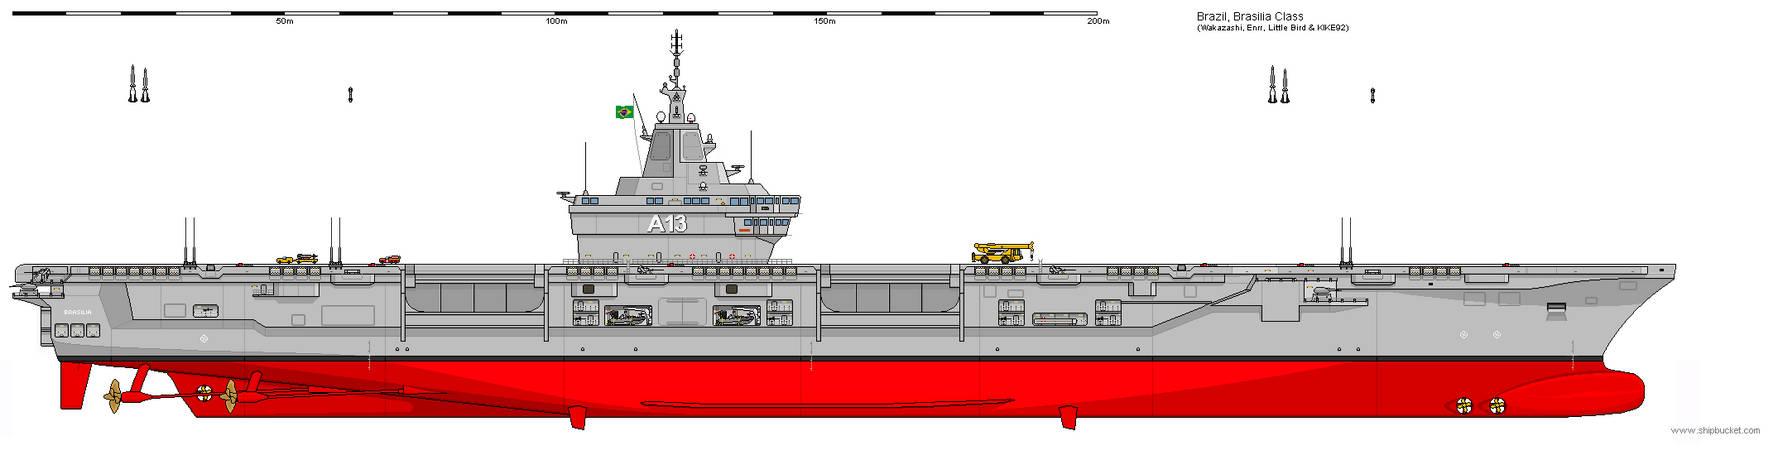 CVN - Brasilia Class